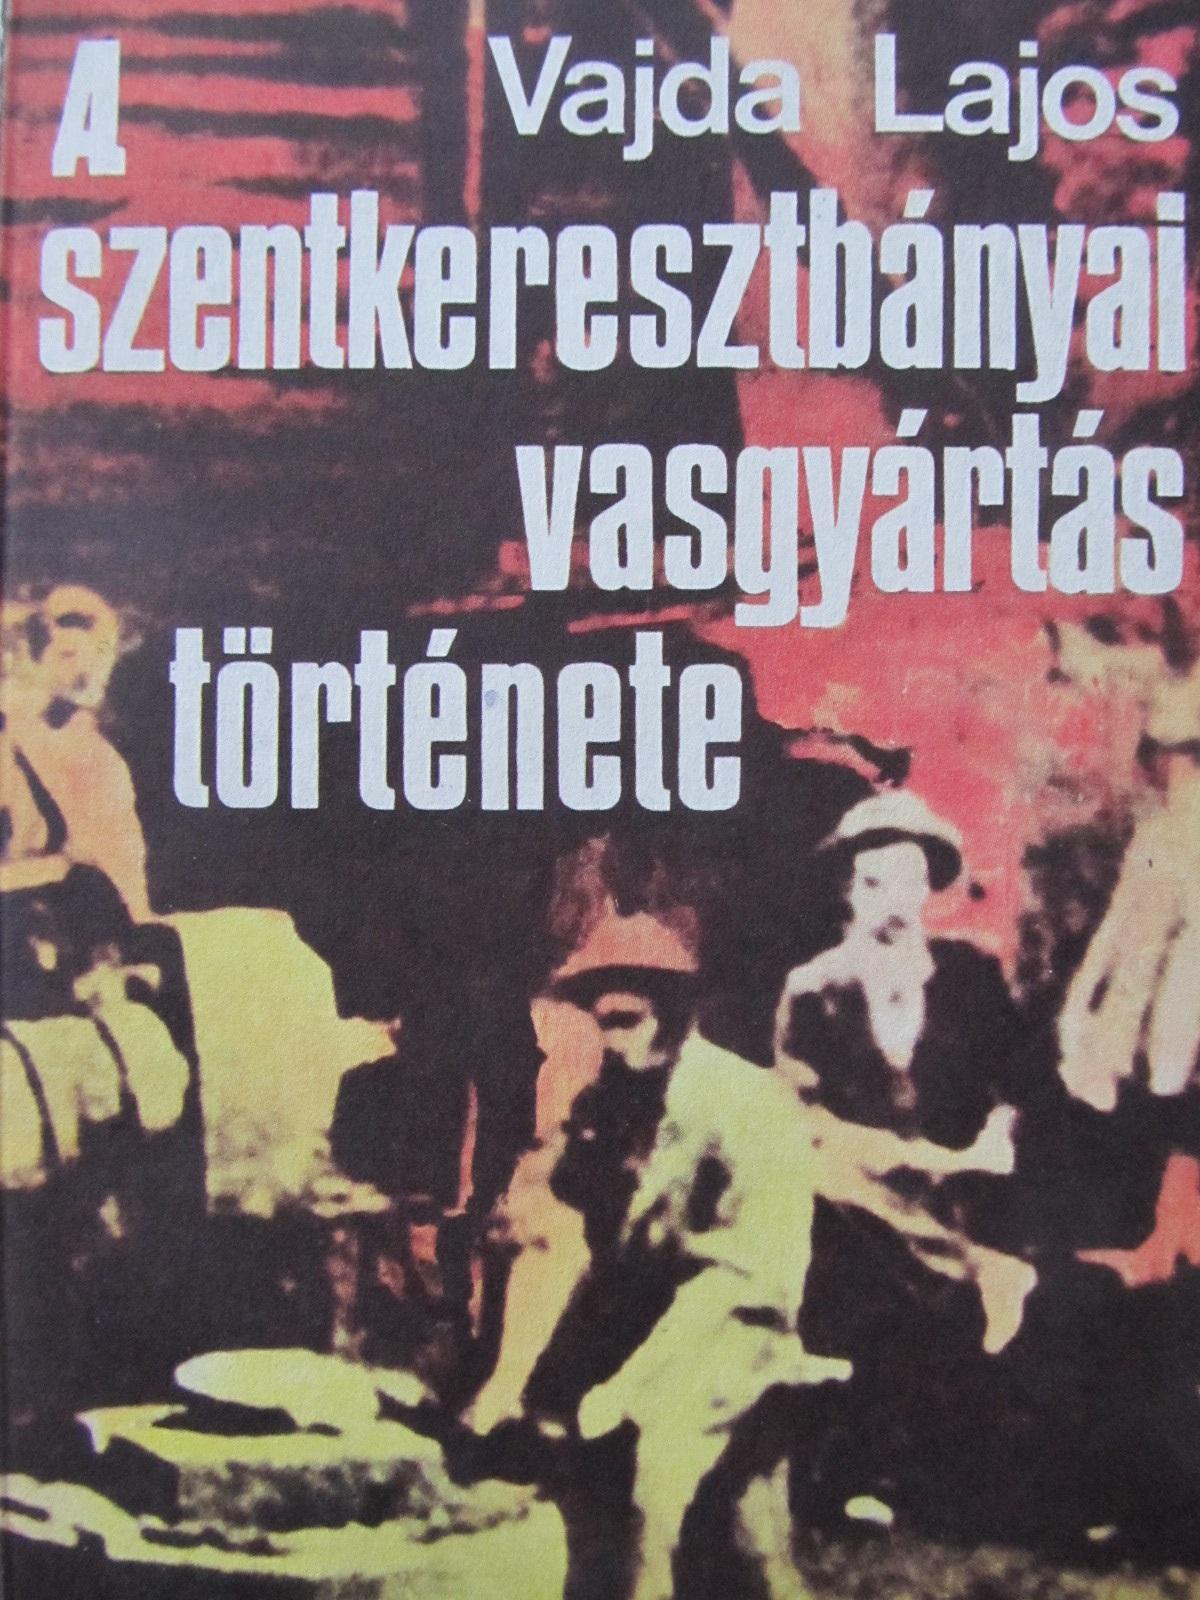 A szentkeresztbanyai vasgyartas tortenete - Vajda Lajos | Detalii carte